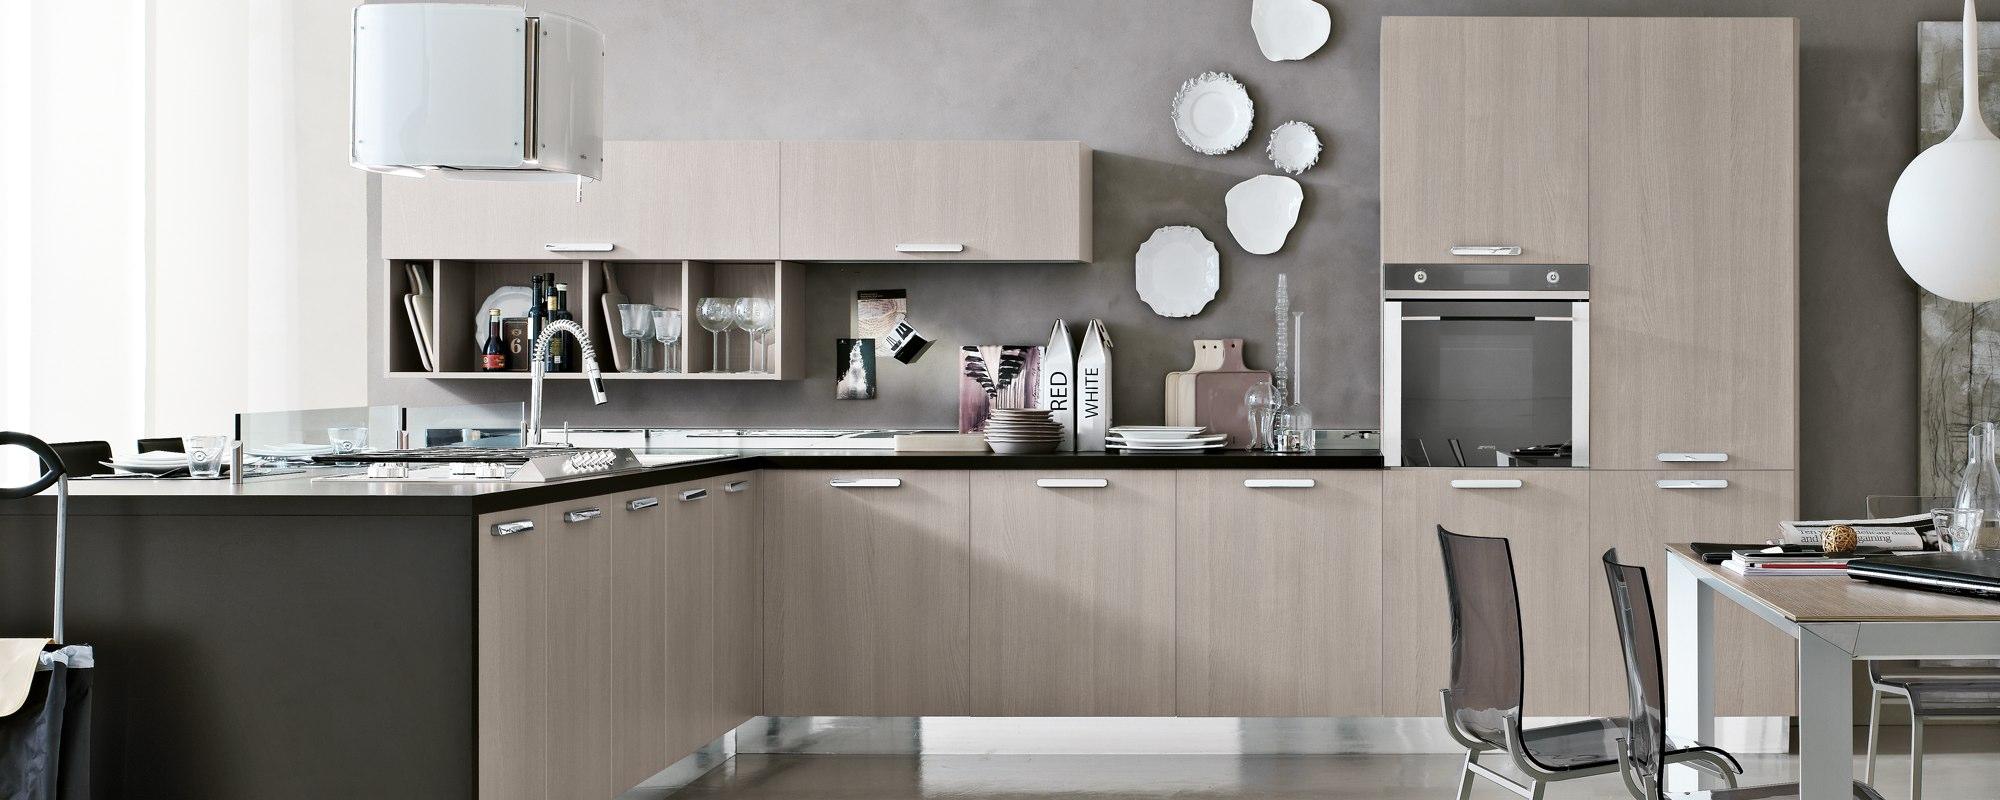 Stosa Cucine Moderne 2020.Stosa Cucine Moderne Milly 105 Cucine Cagliari Stosa